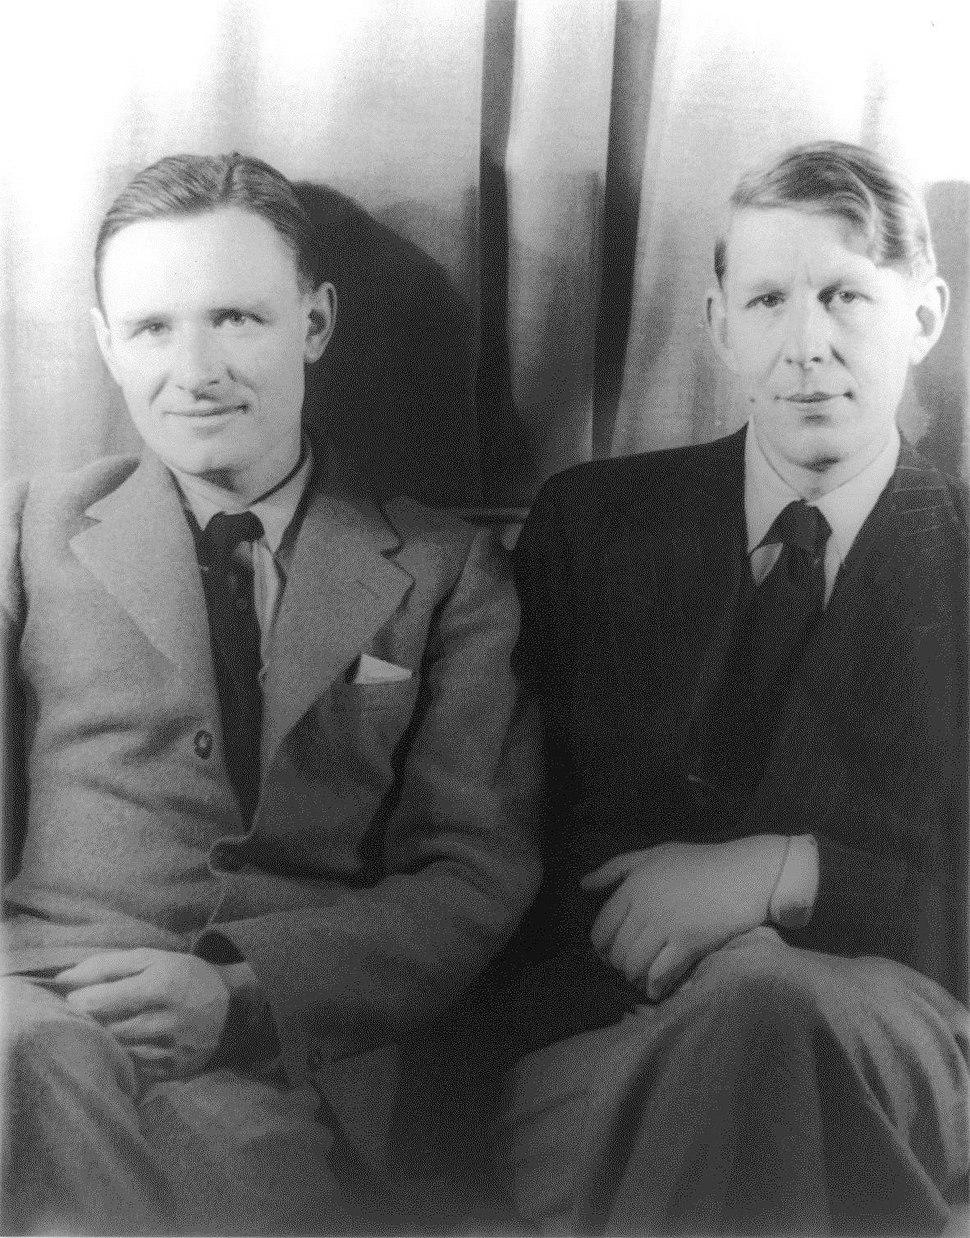 Isherwood and Auden by Carl van Vechten, 1939